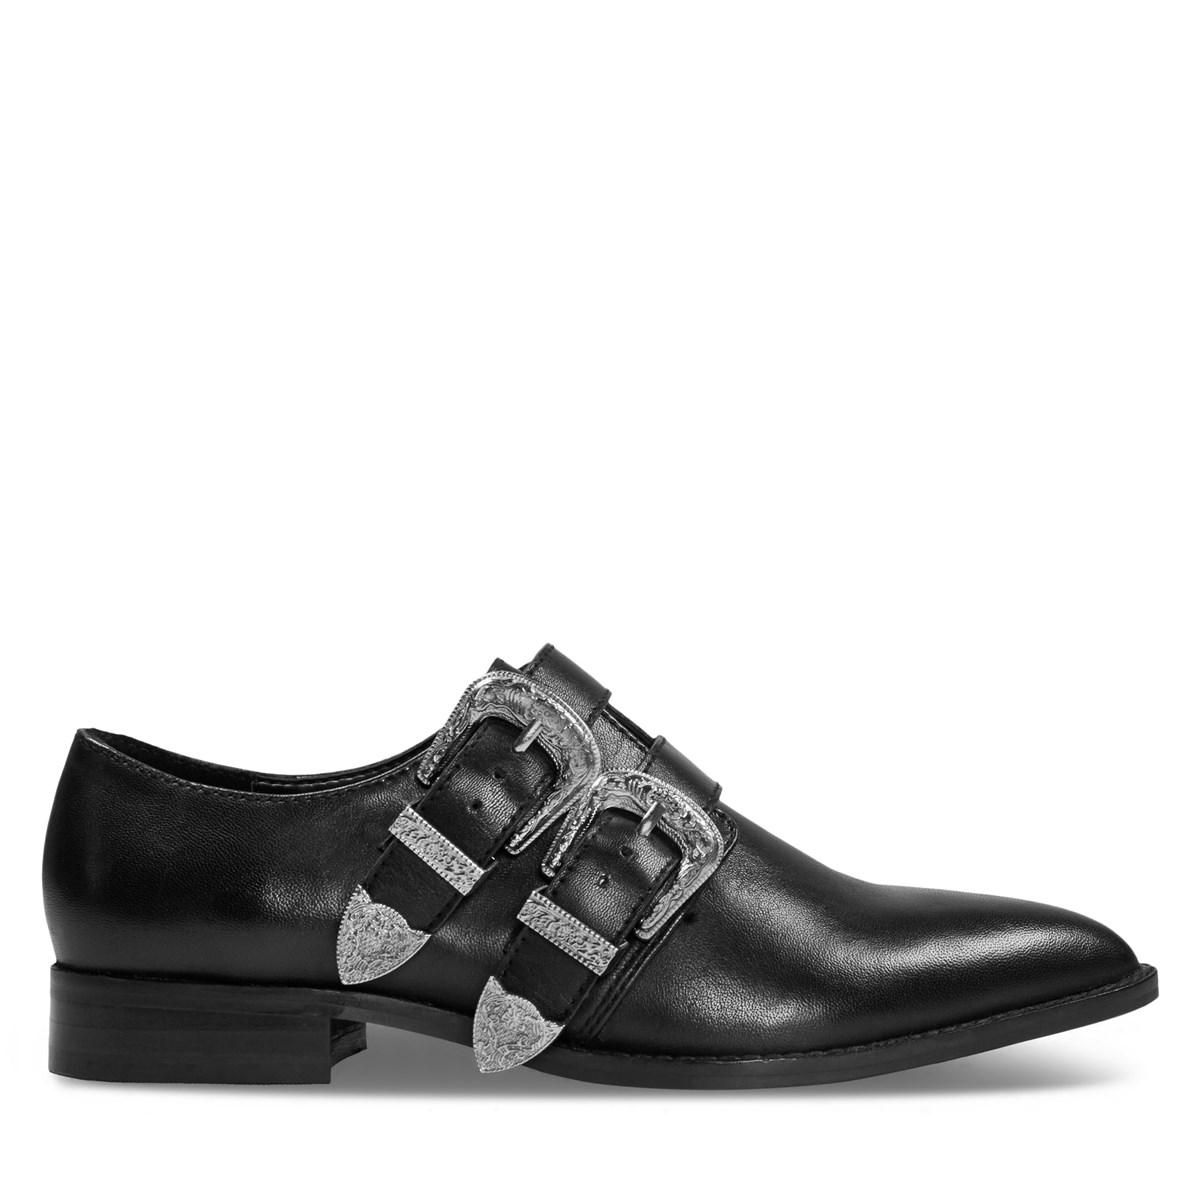 Women's Jessy Shoe in Black